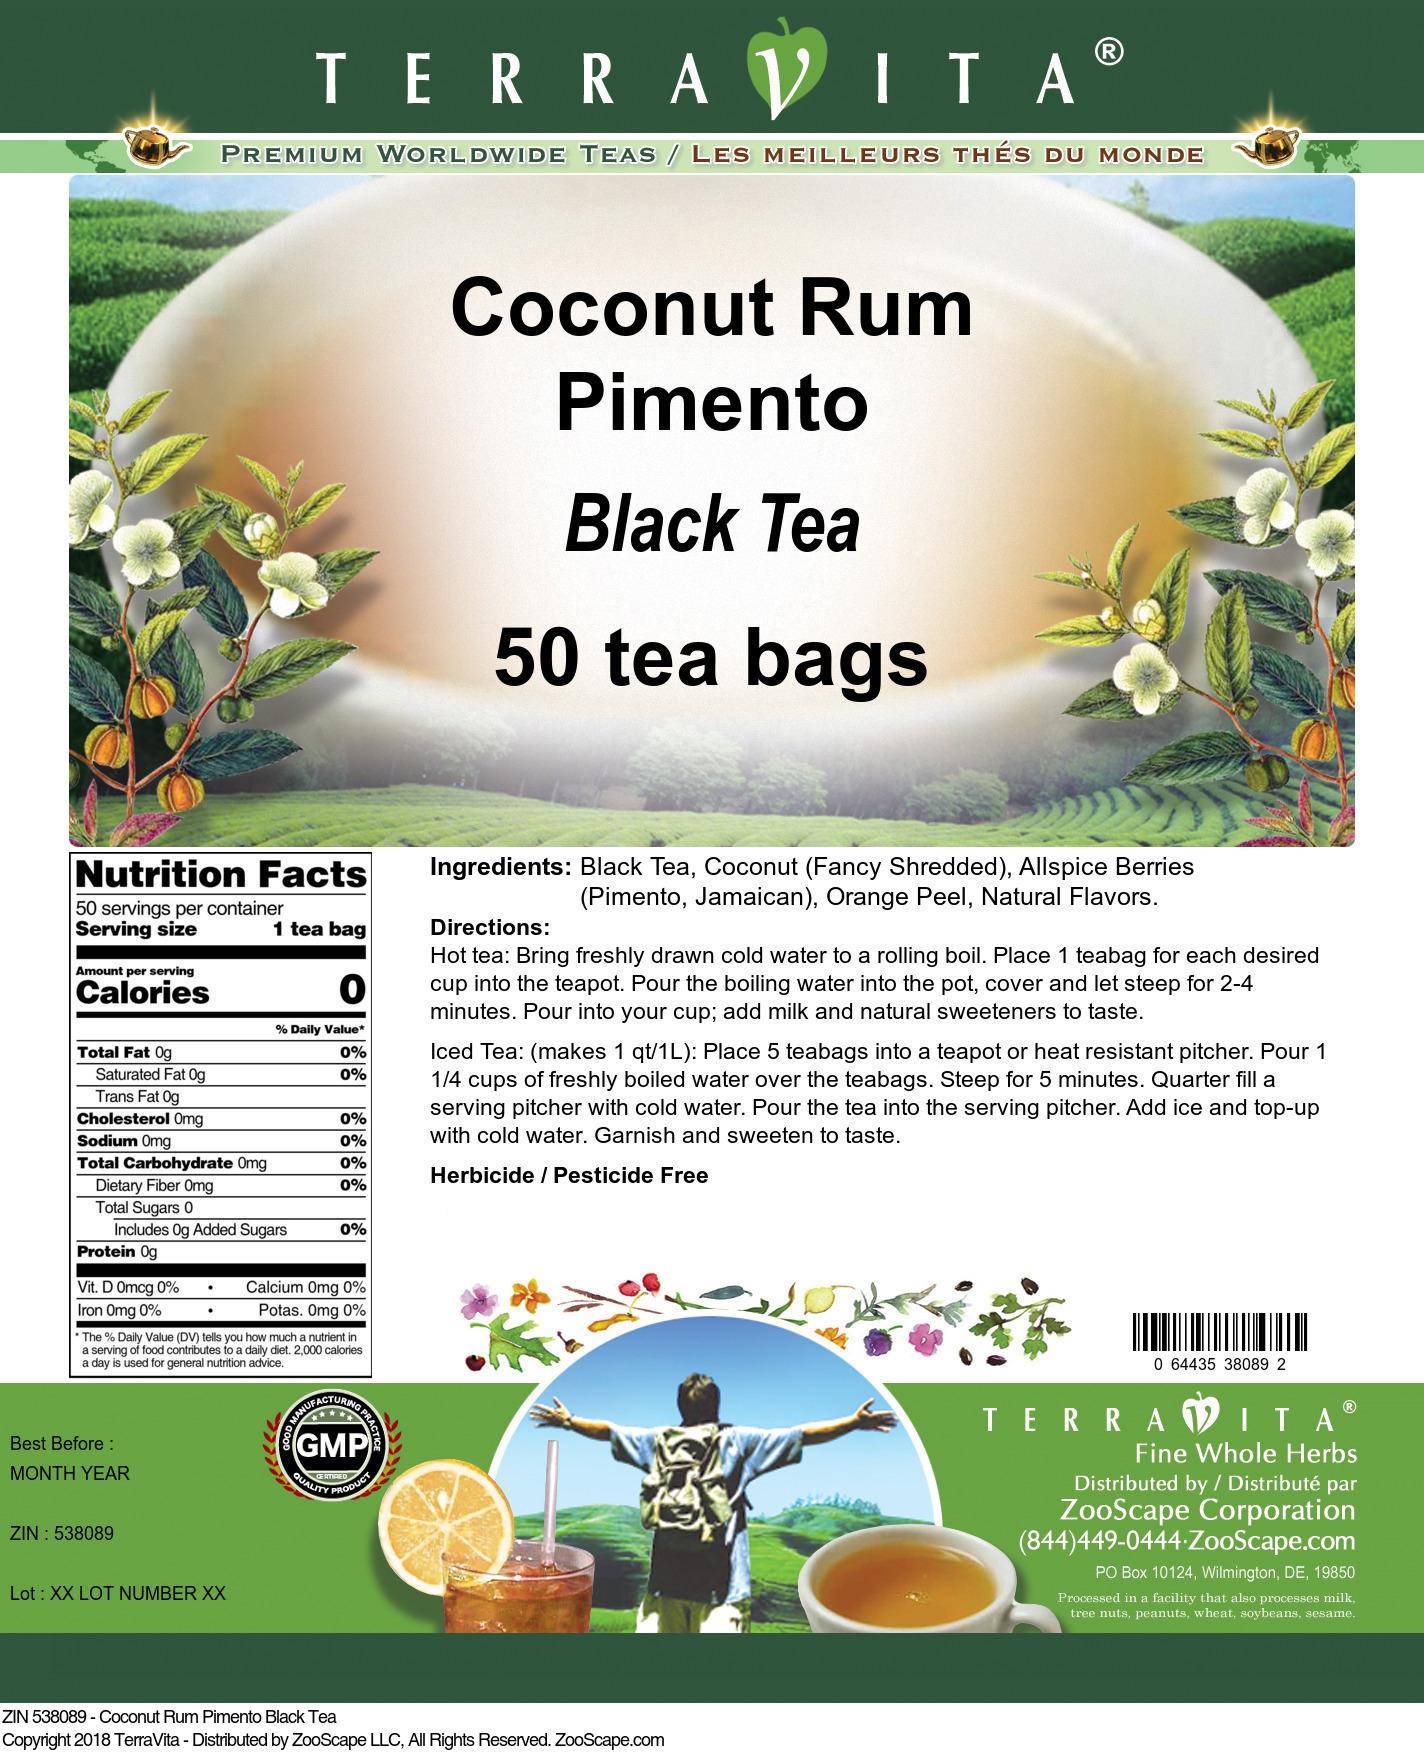 Coconut Rum Pimento Black Tea